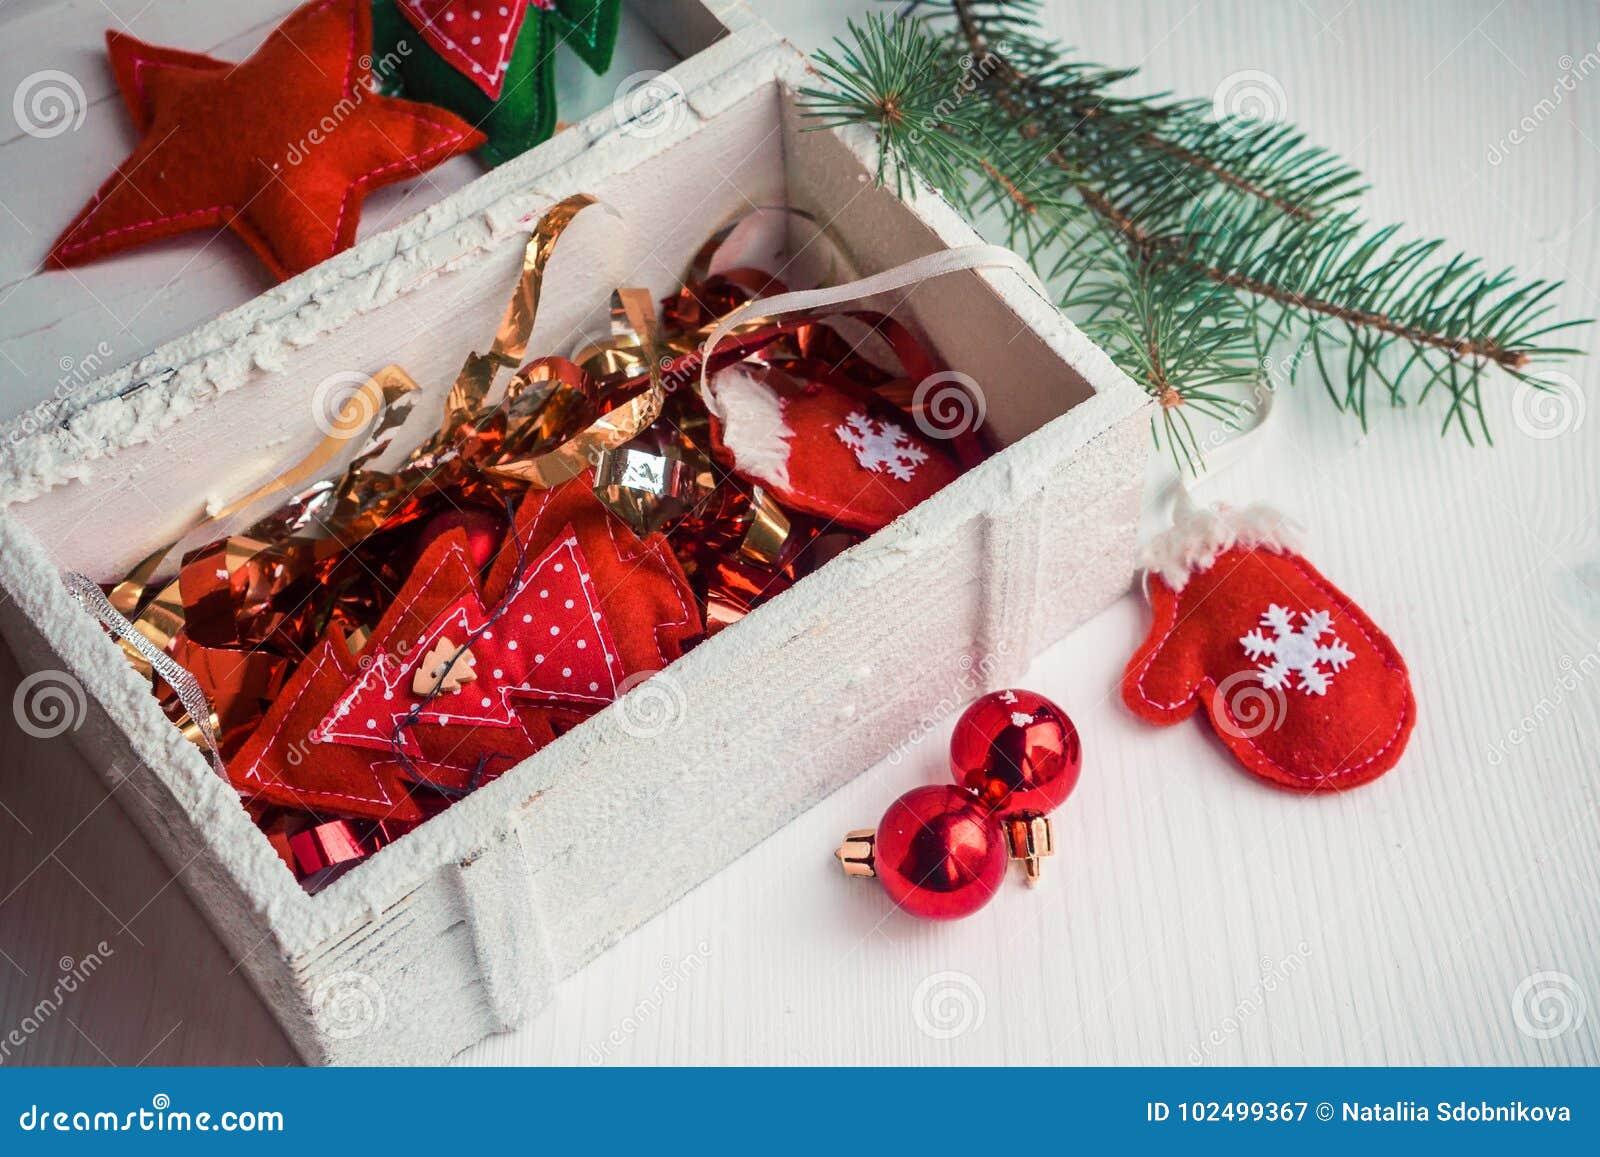 Handmade ornaments for sale lovely diy felt lights felt felting